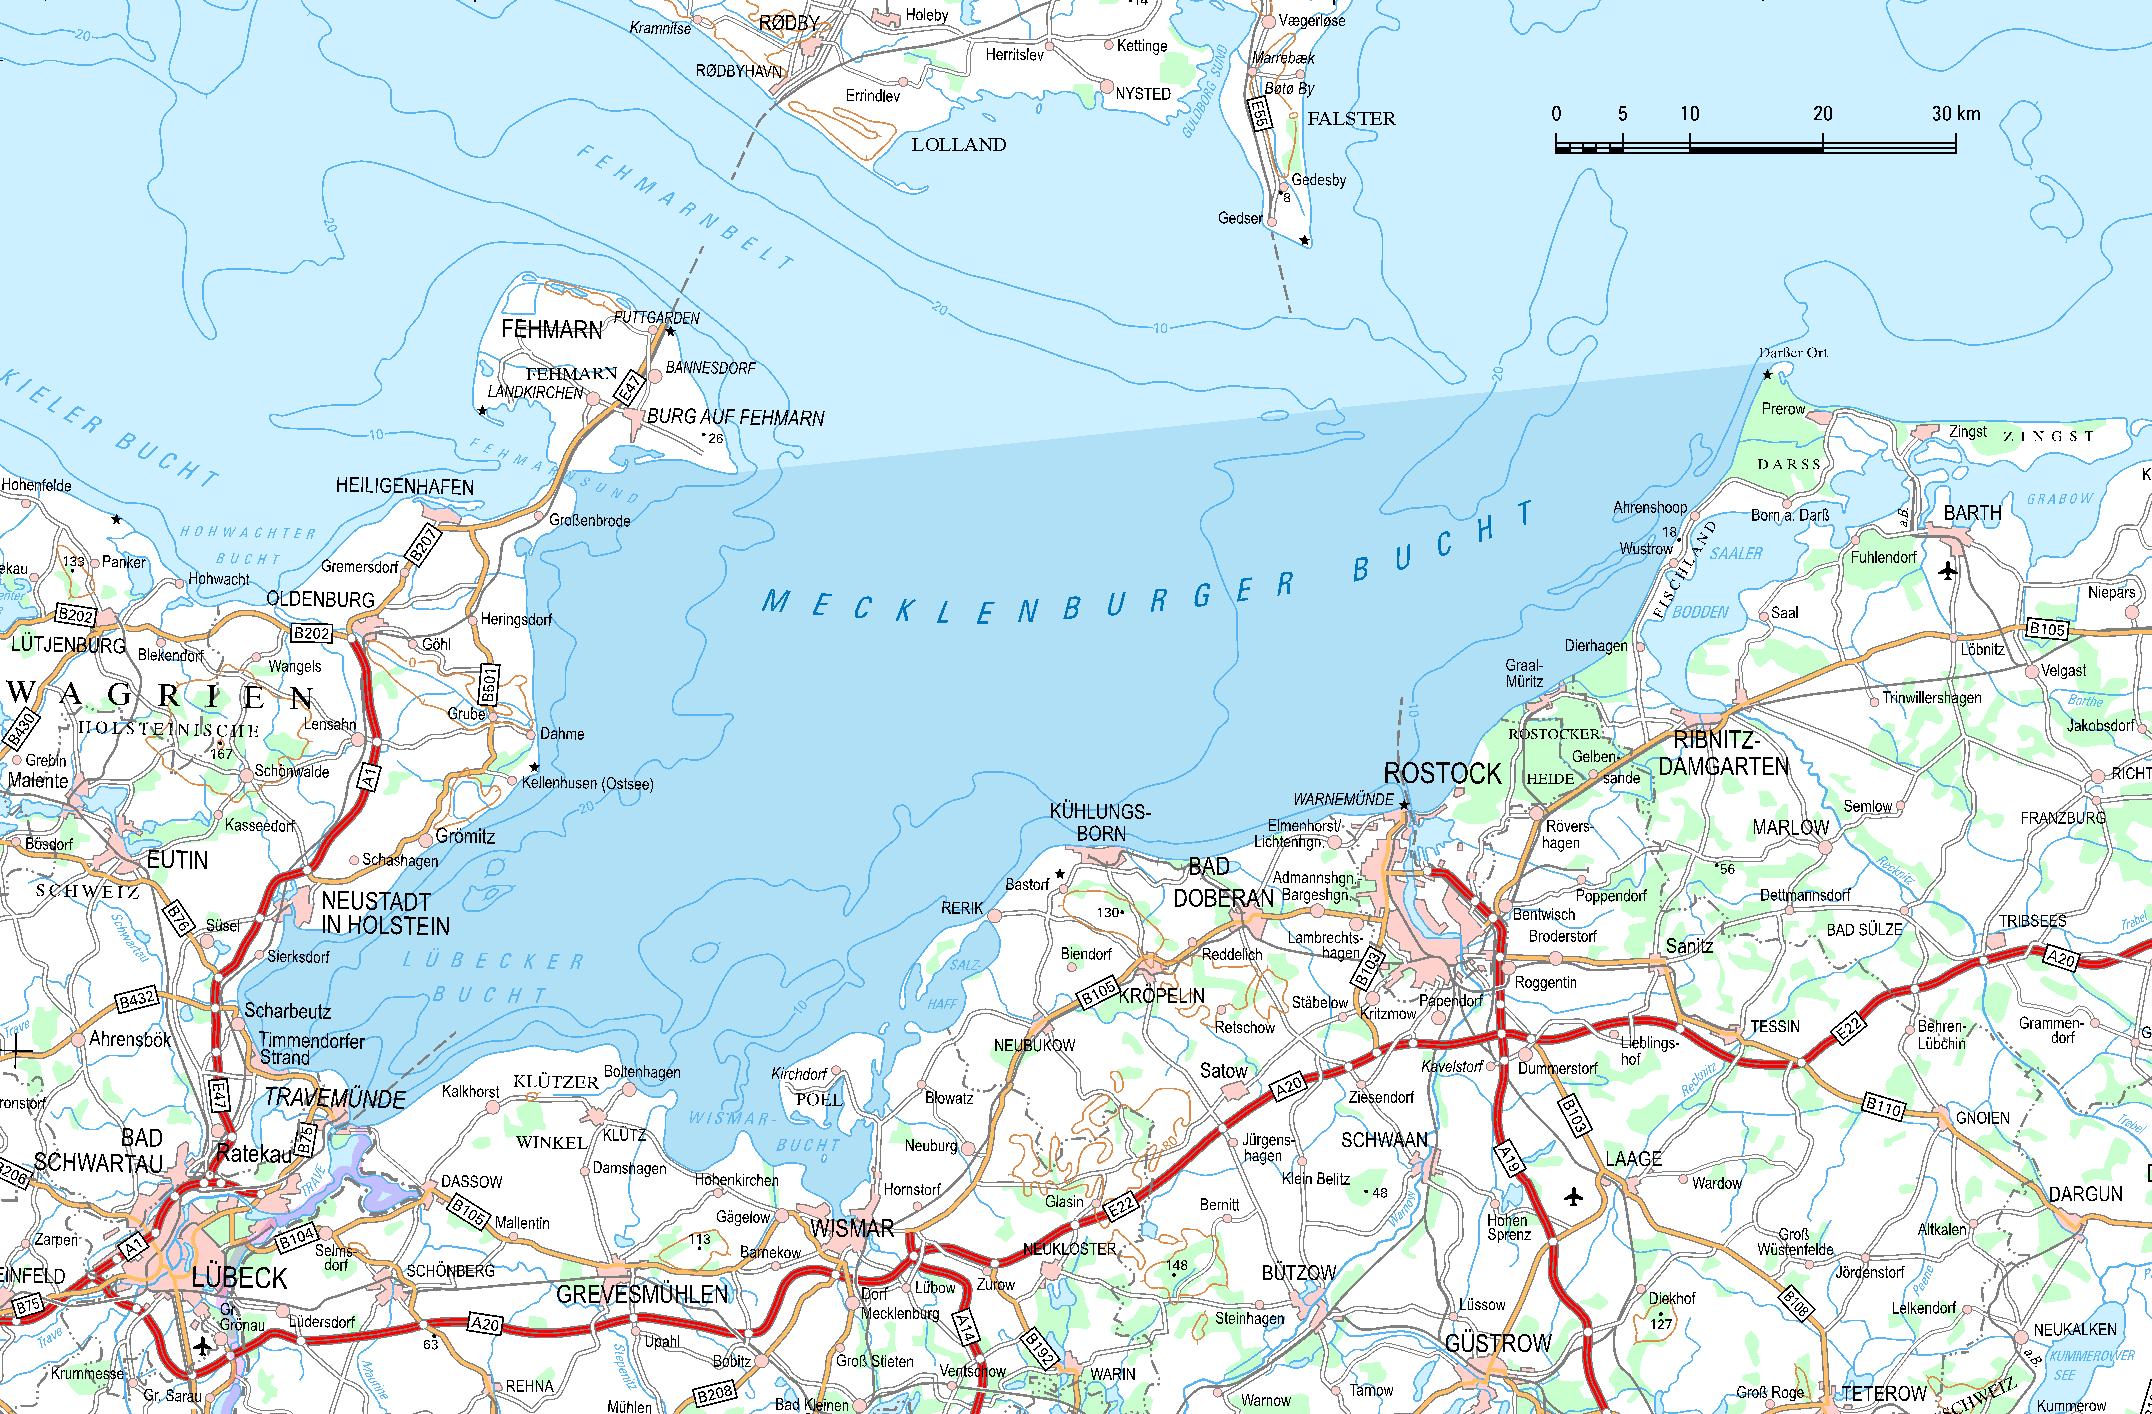 Karte Norddeutschland Ostsee.Mecklenburger Bucht Wikipedia